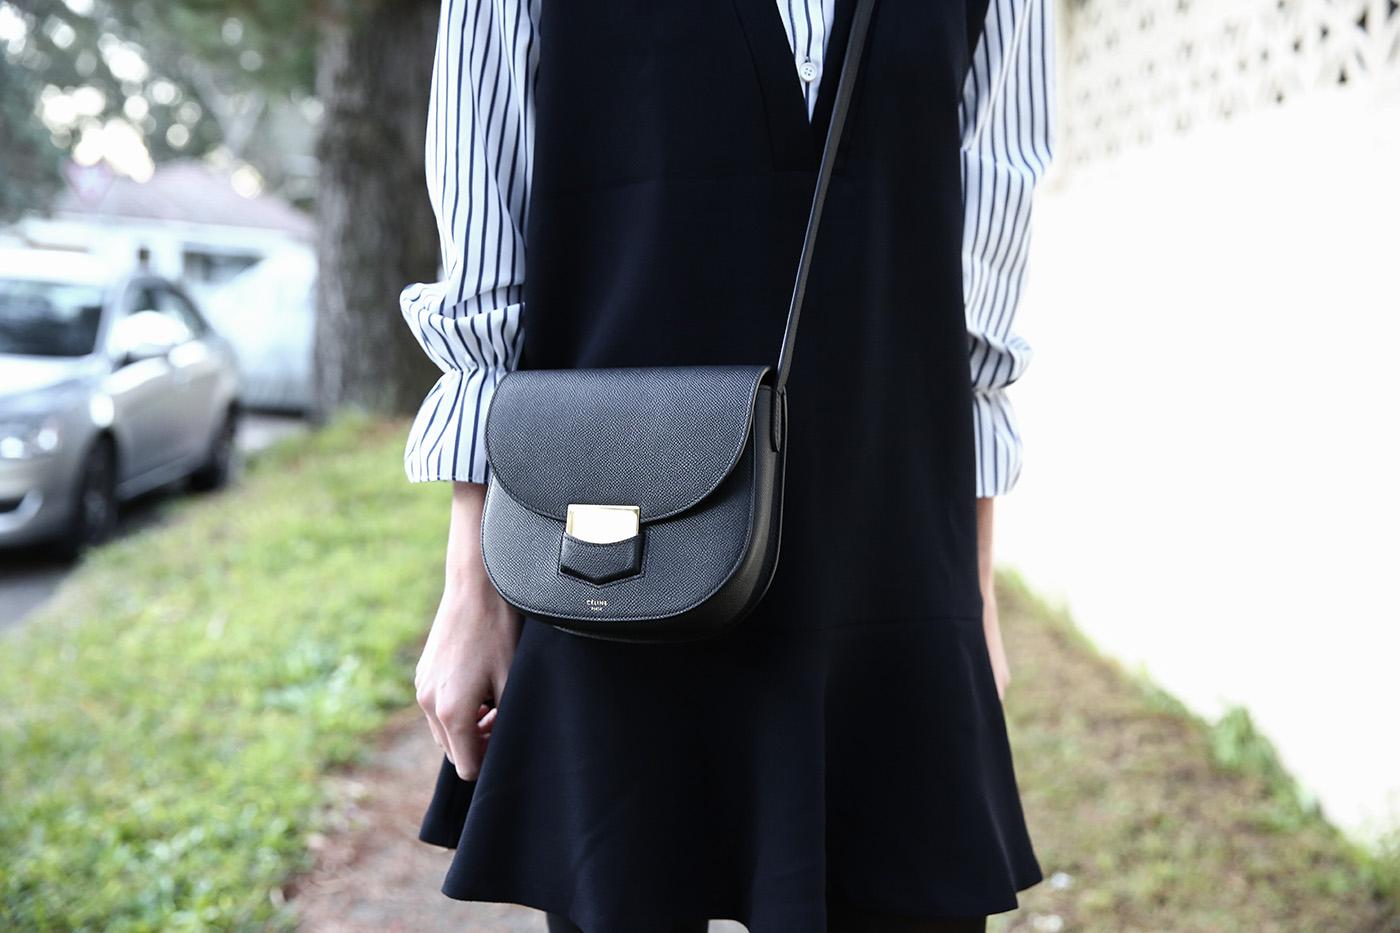 Celine trotteur bag in black